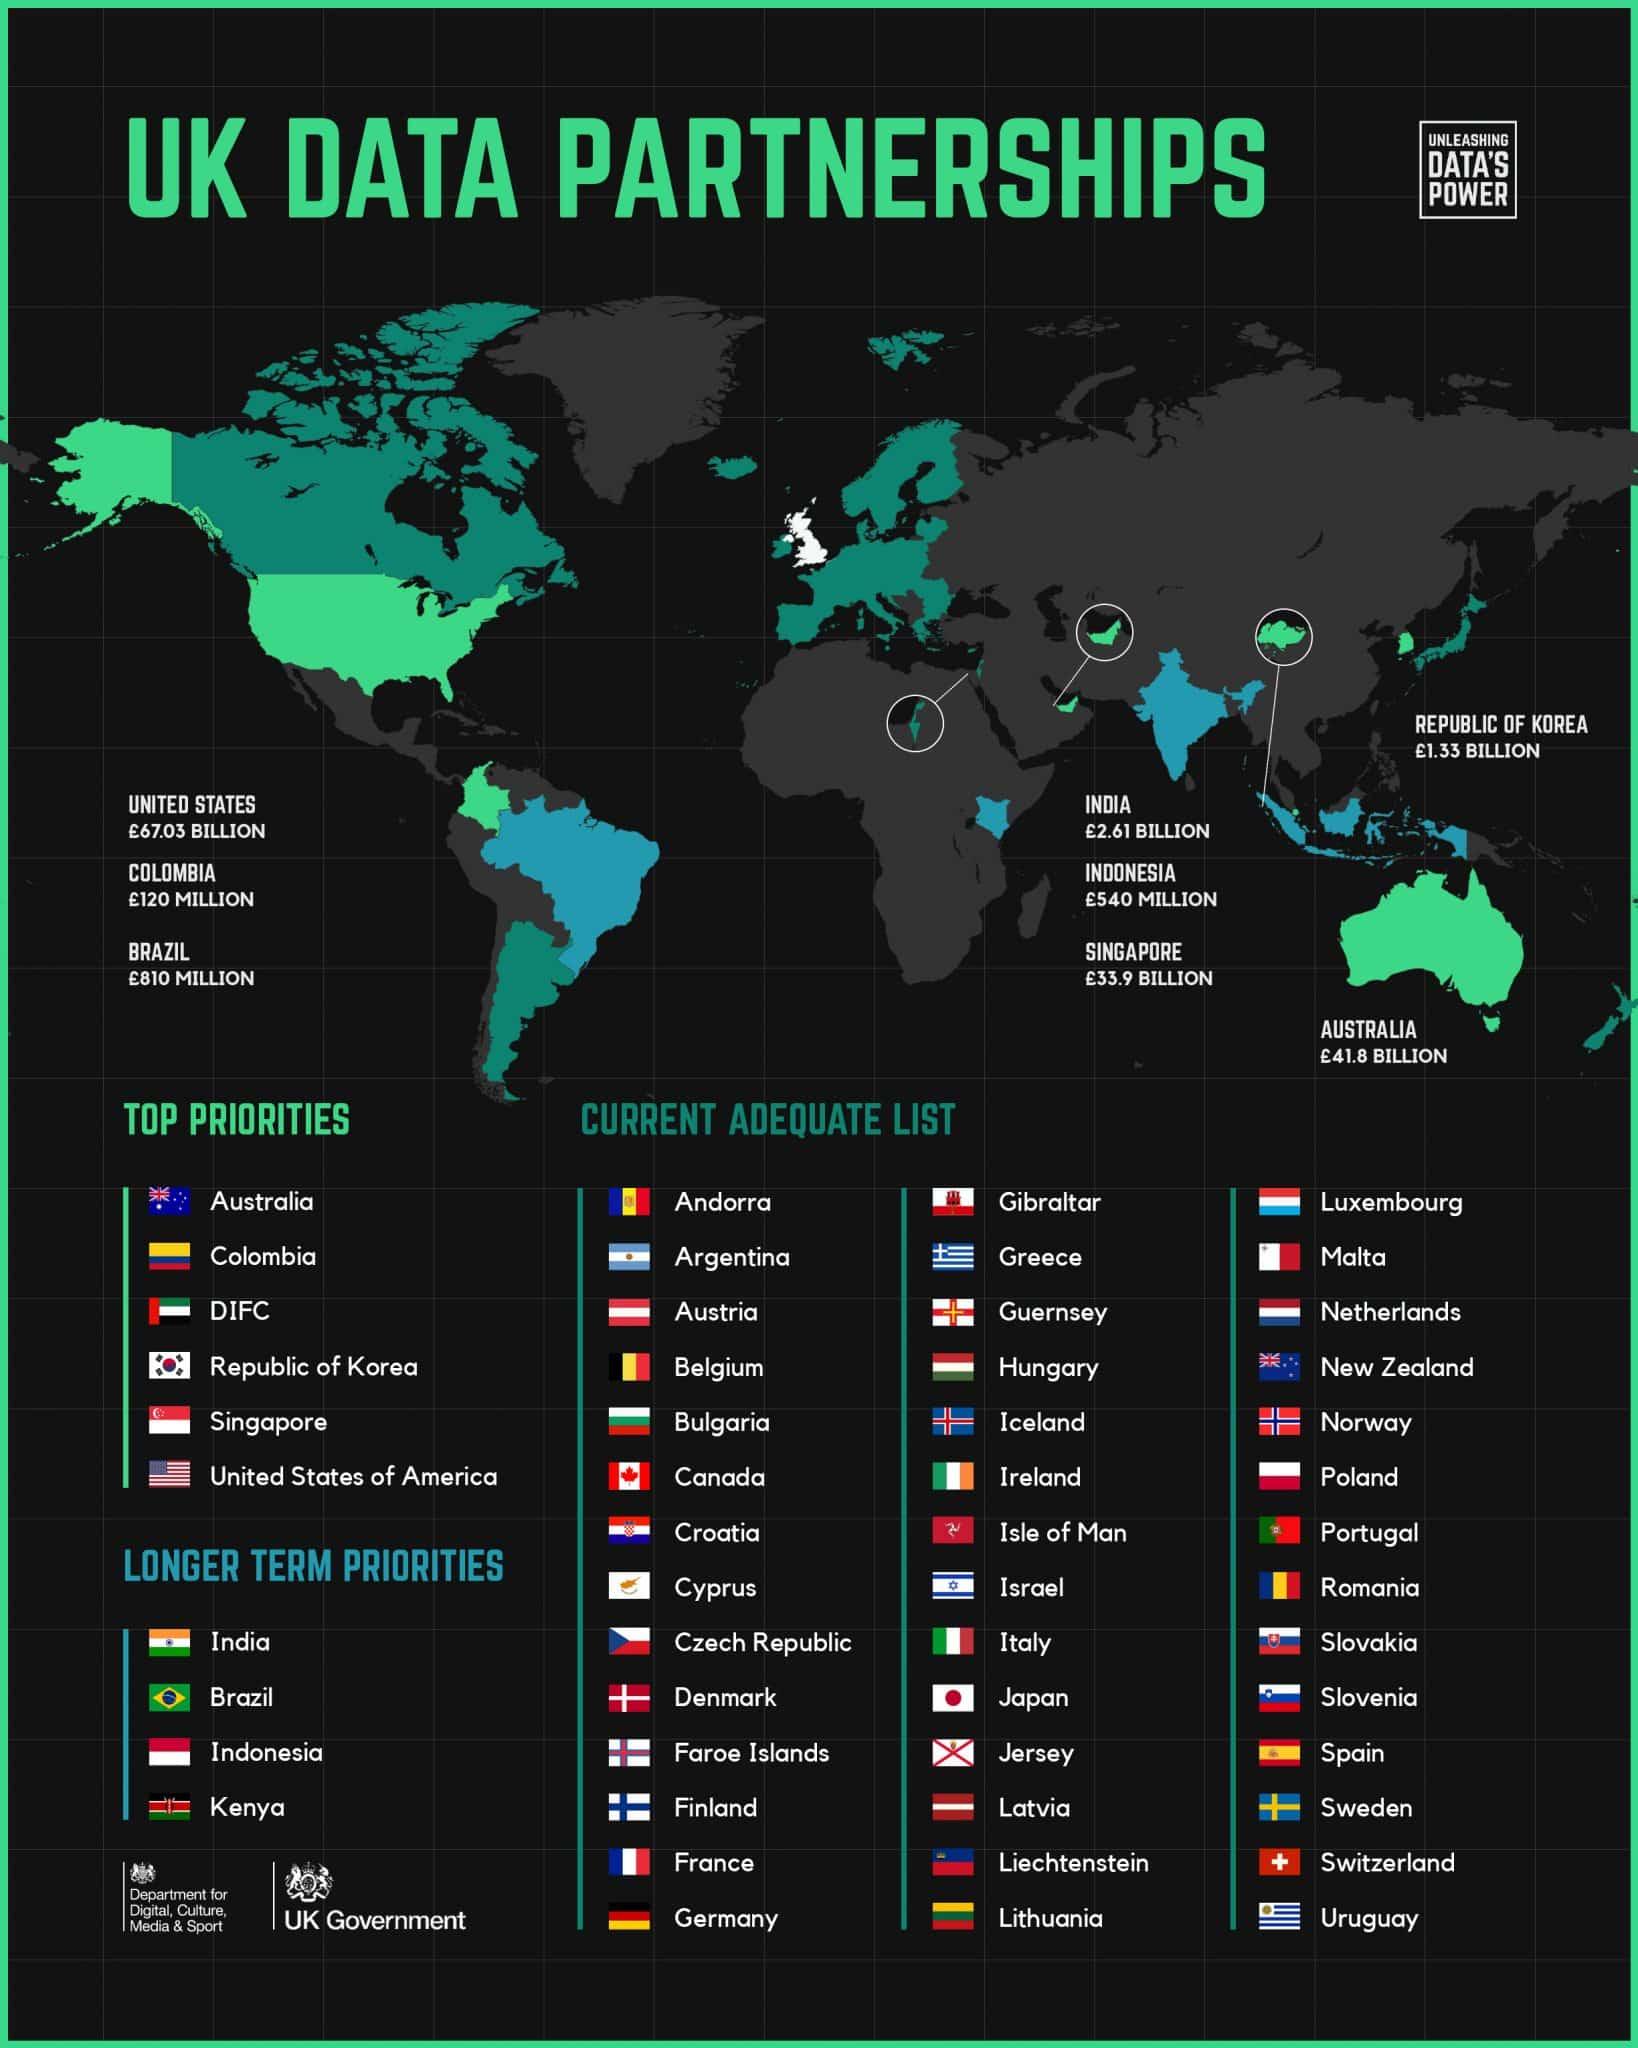 UK Data Partnerships